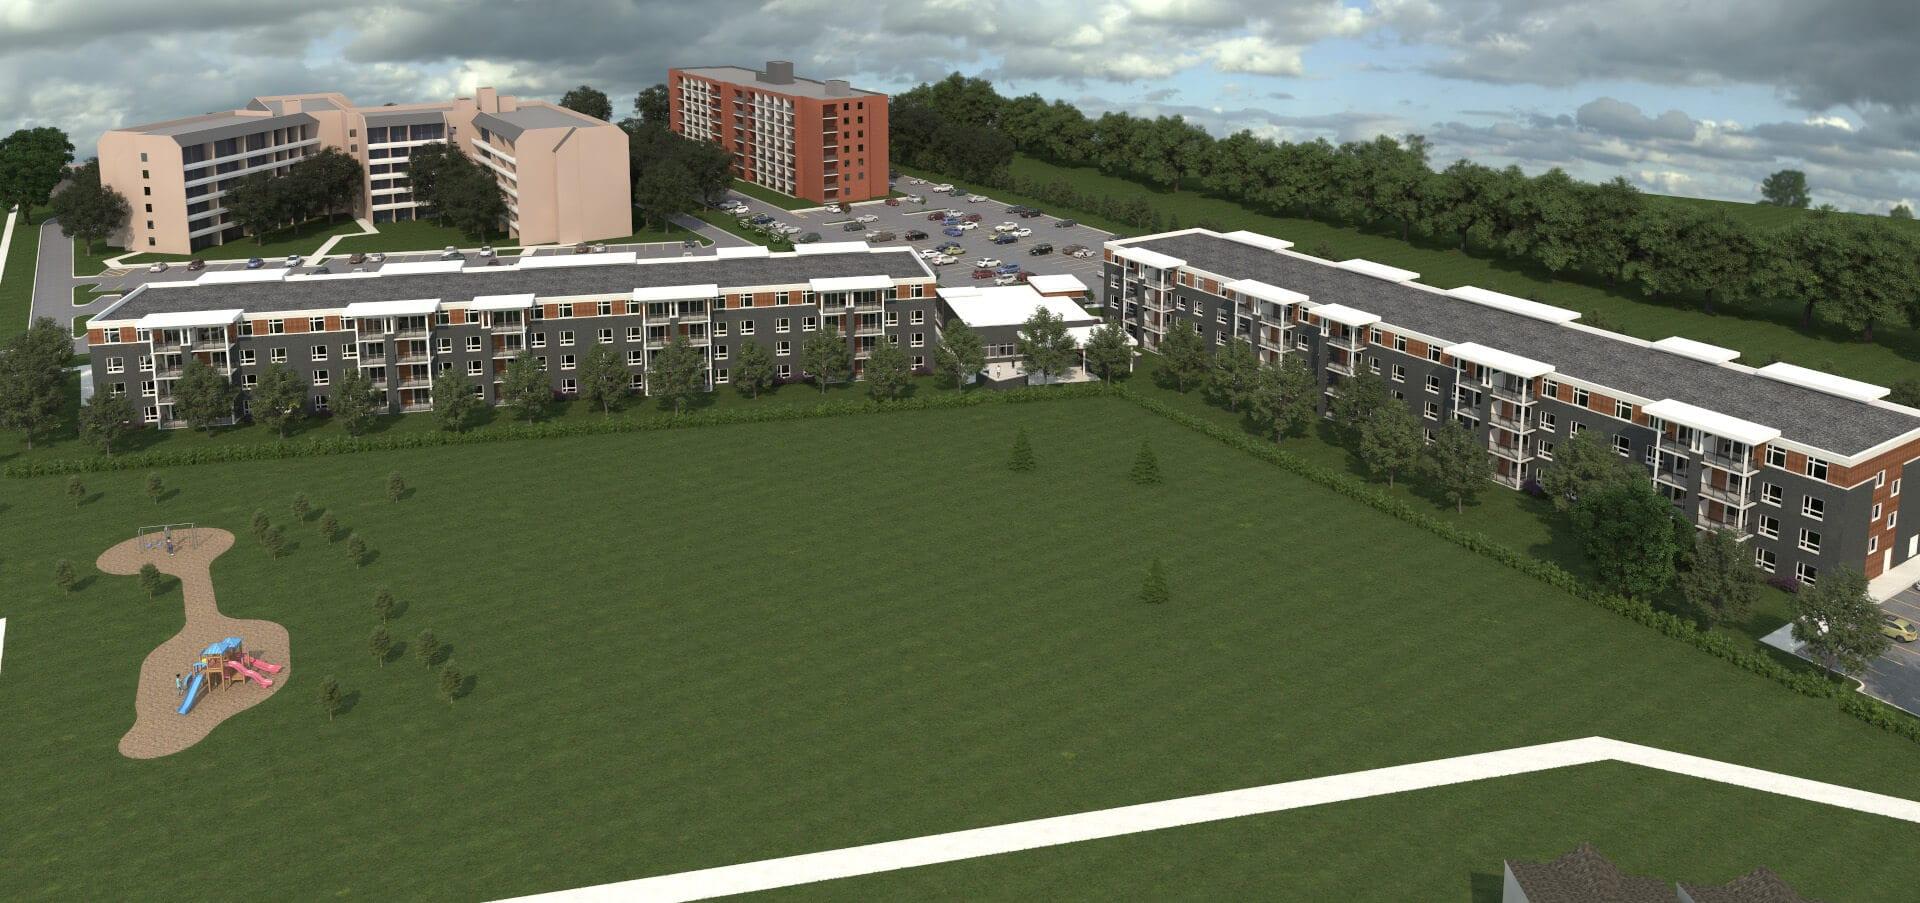 SkyDev - Southfield Park Residences, Tecumseh, Ontario Arial Rendering